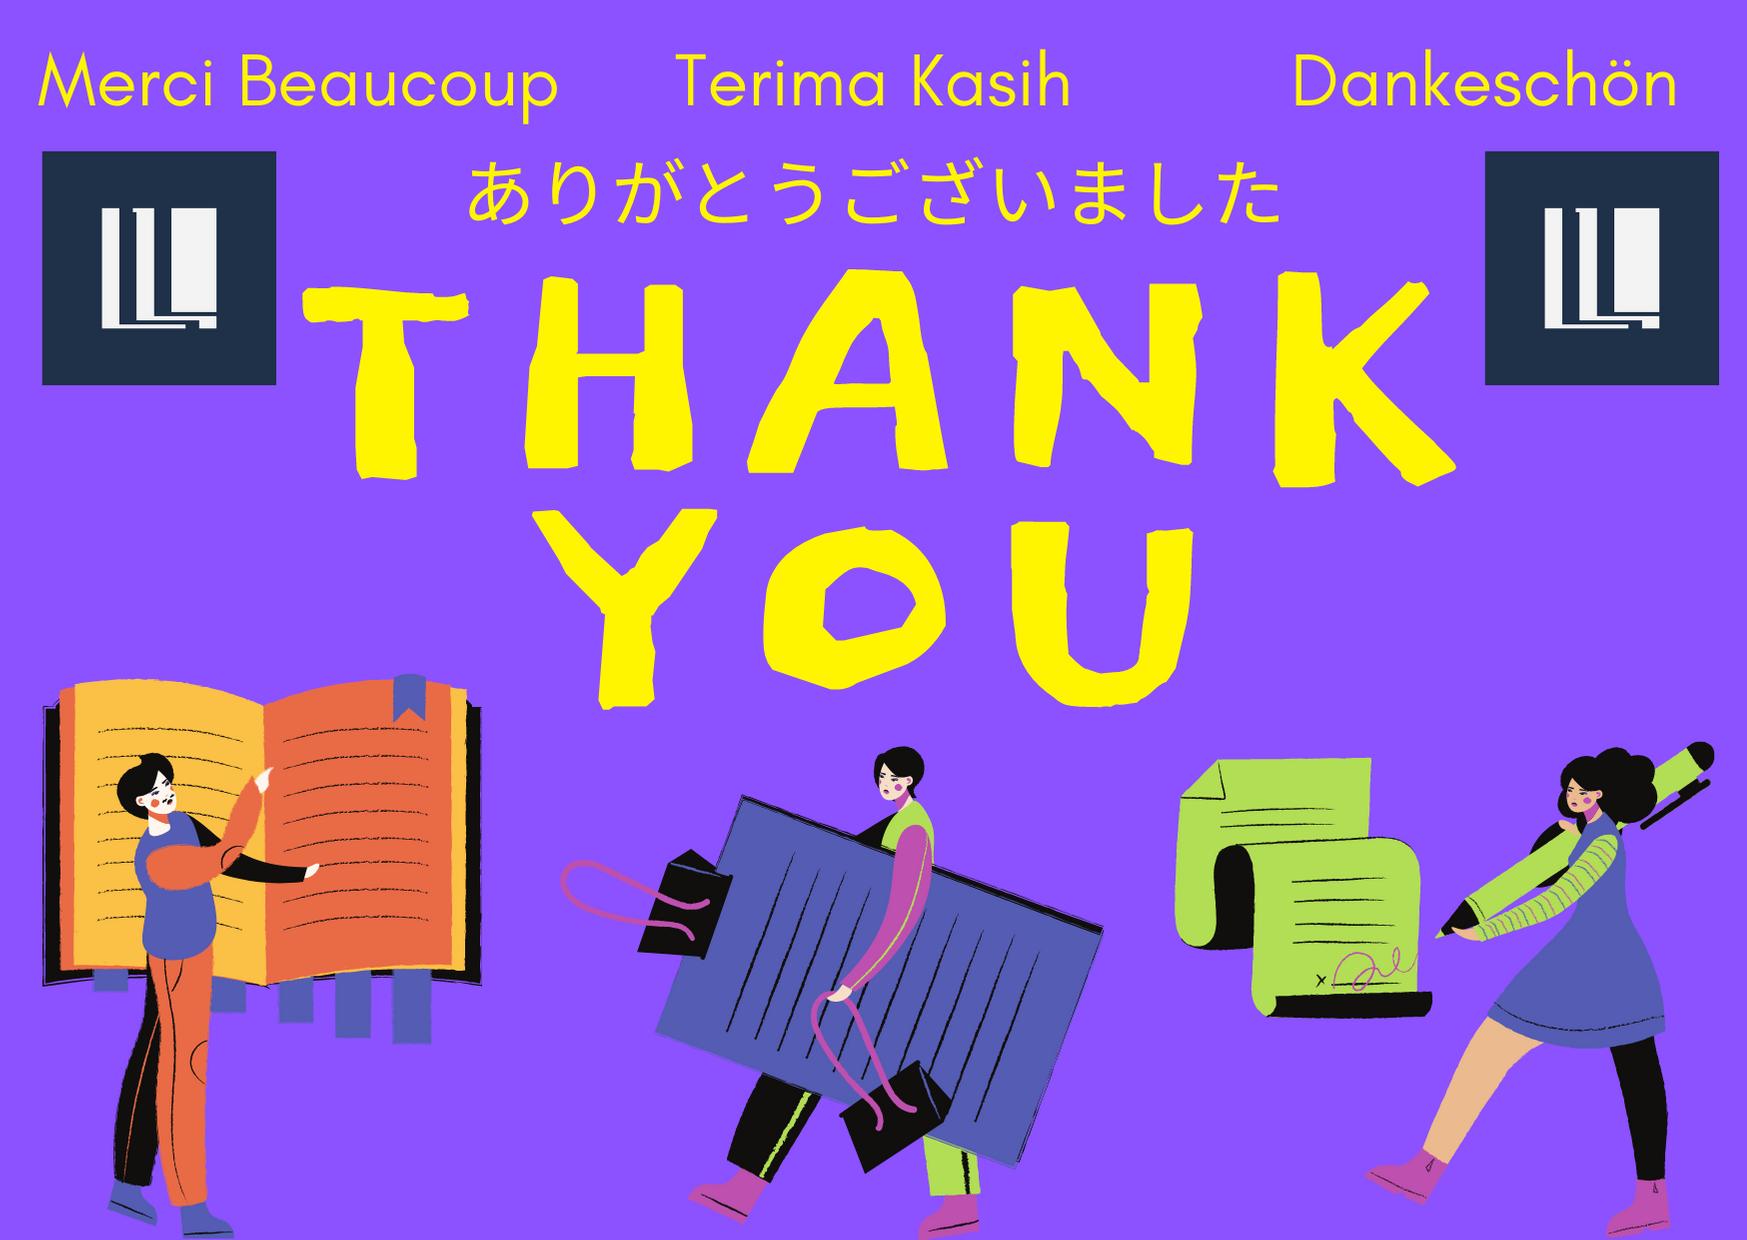 Thank You Clients Part 2